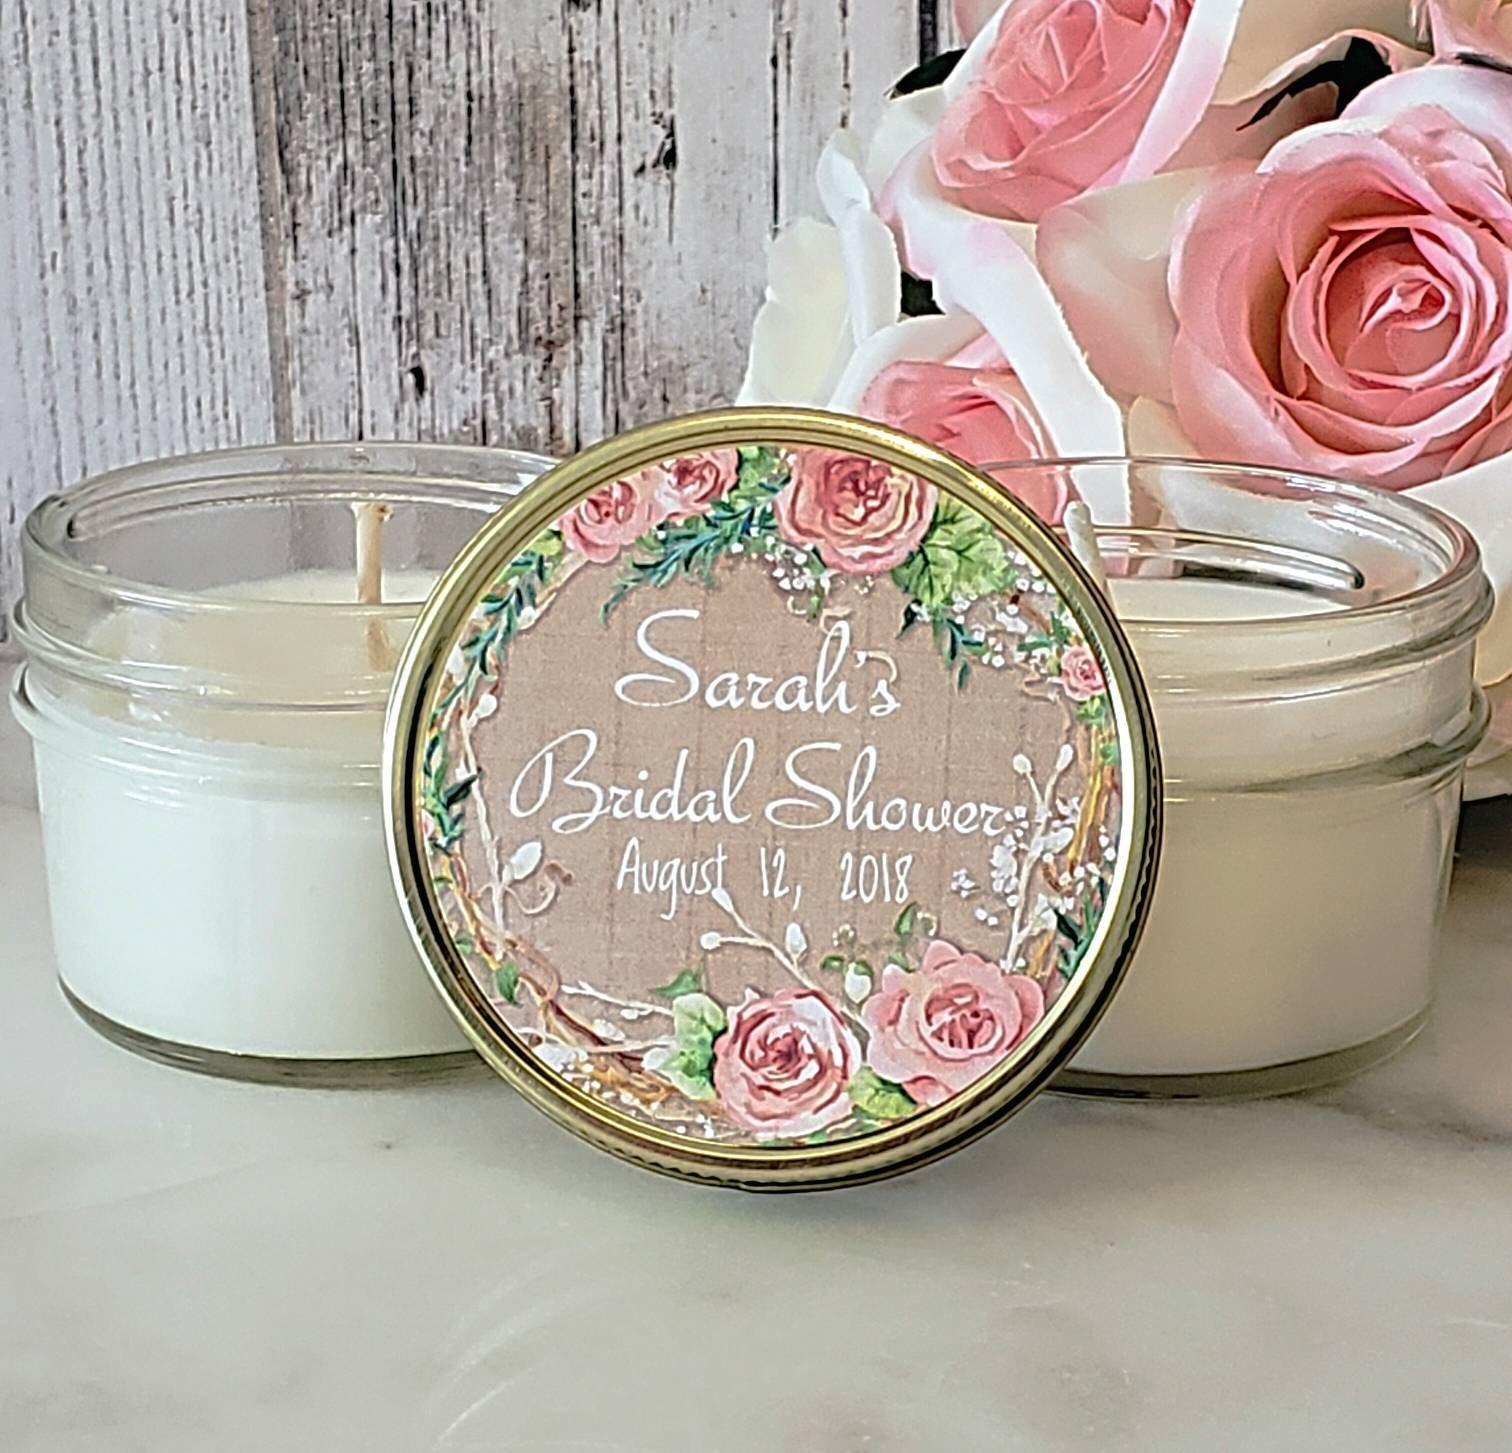 12 Bridal Shower Favors Candles Bridal Shower Candles Bridal